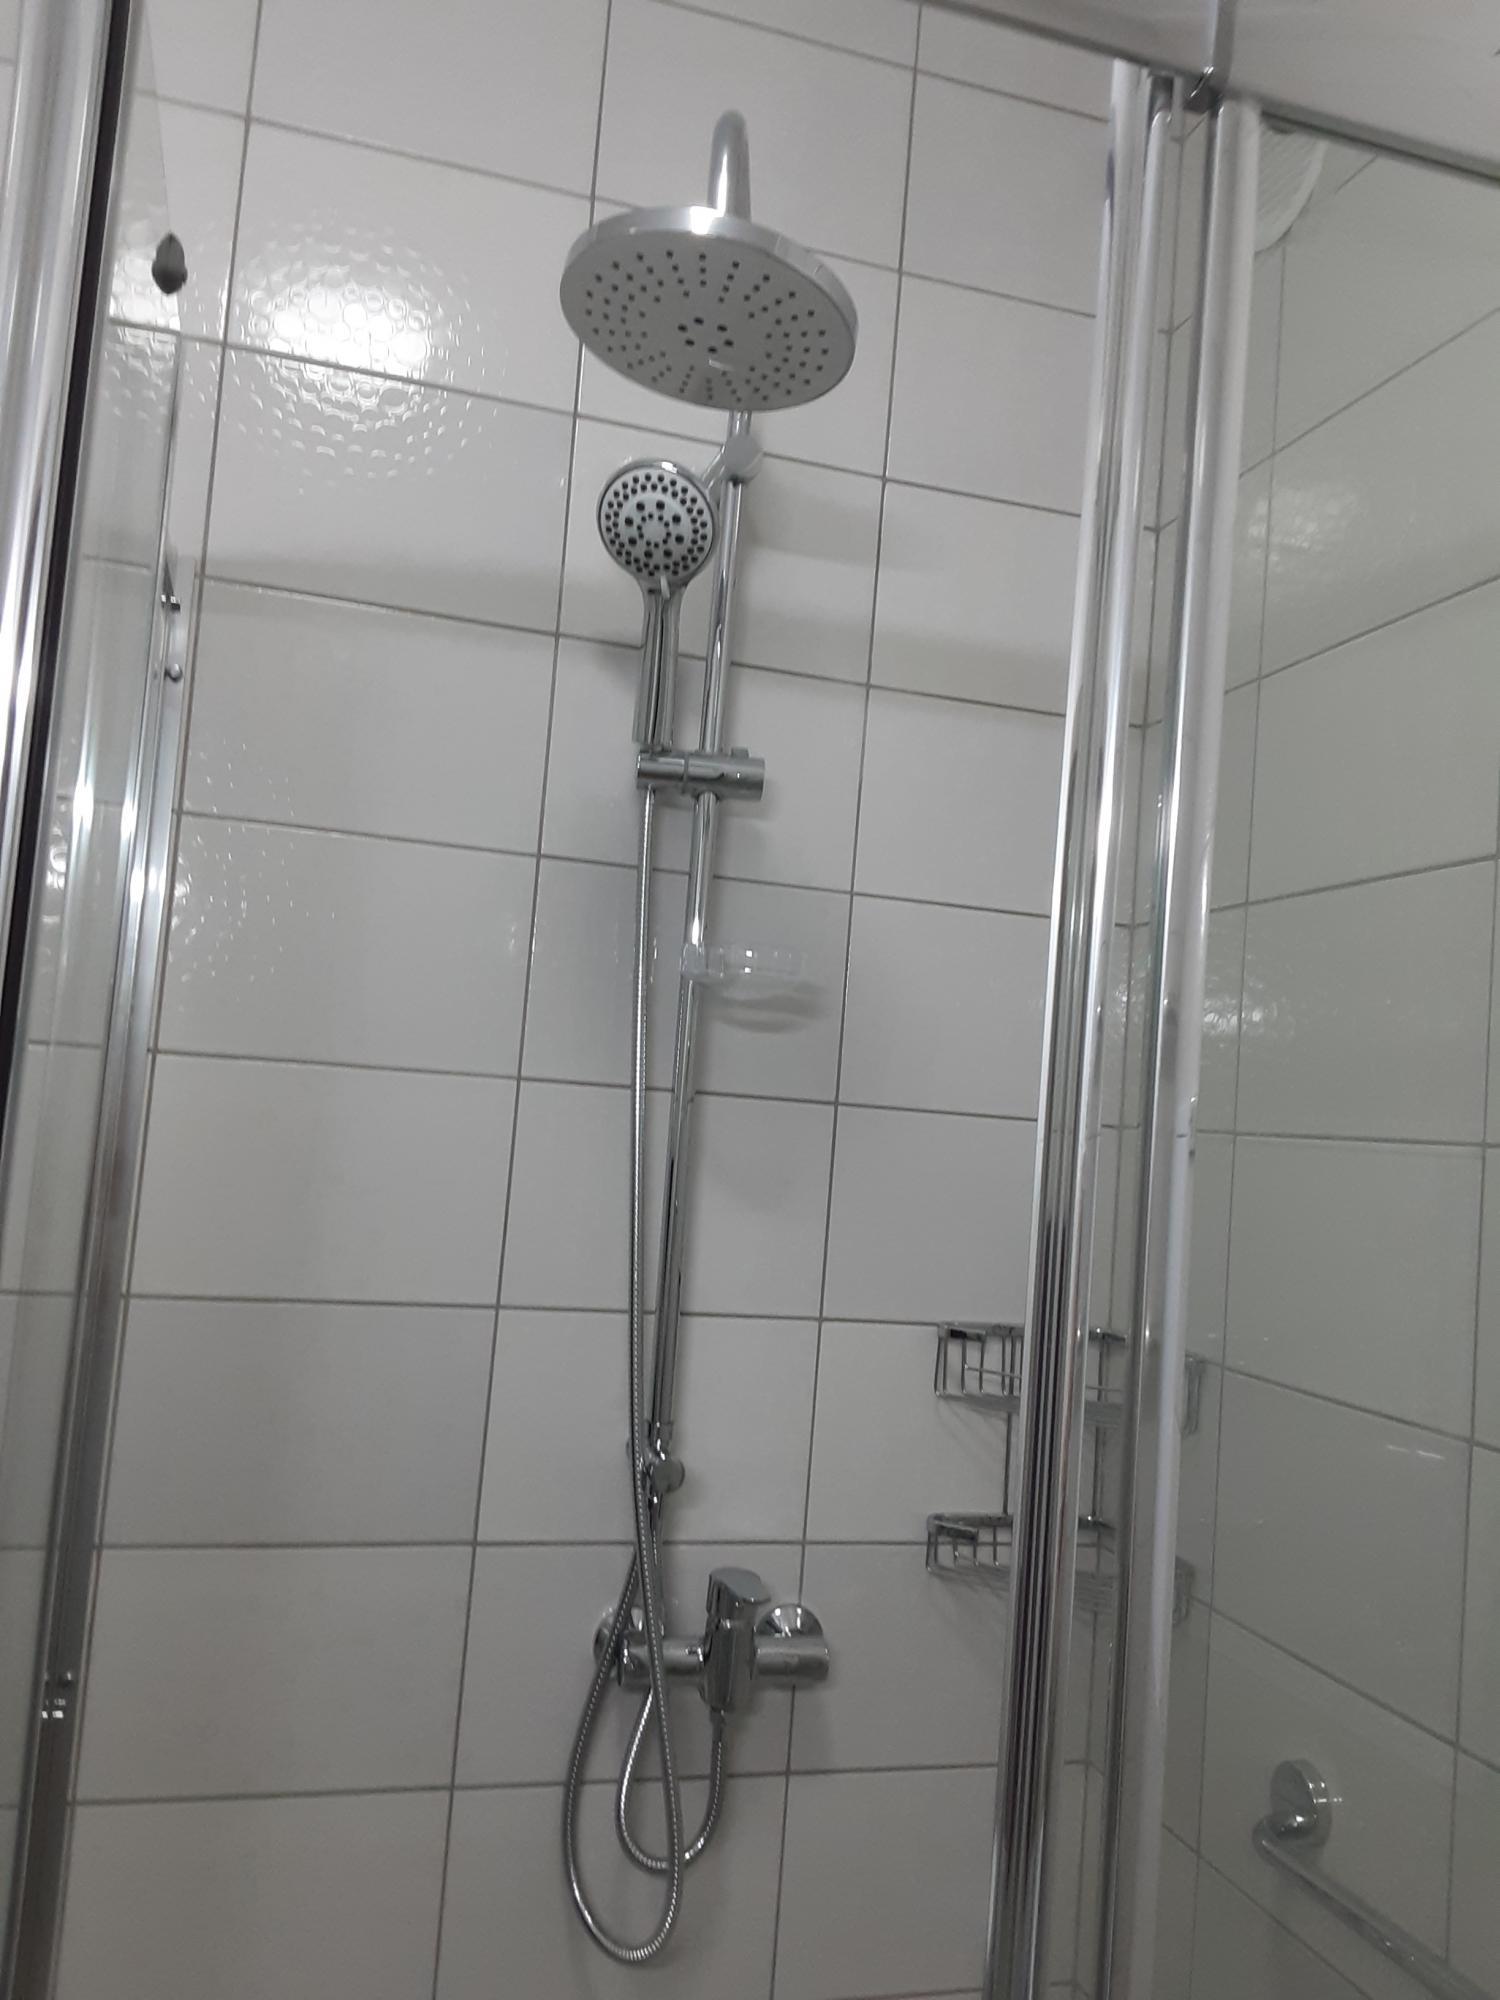 Квартира, студия, 26 м² в Люберцах 89773577037 купить 7